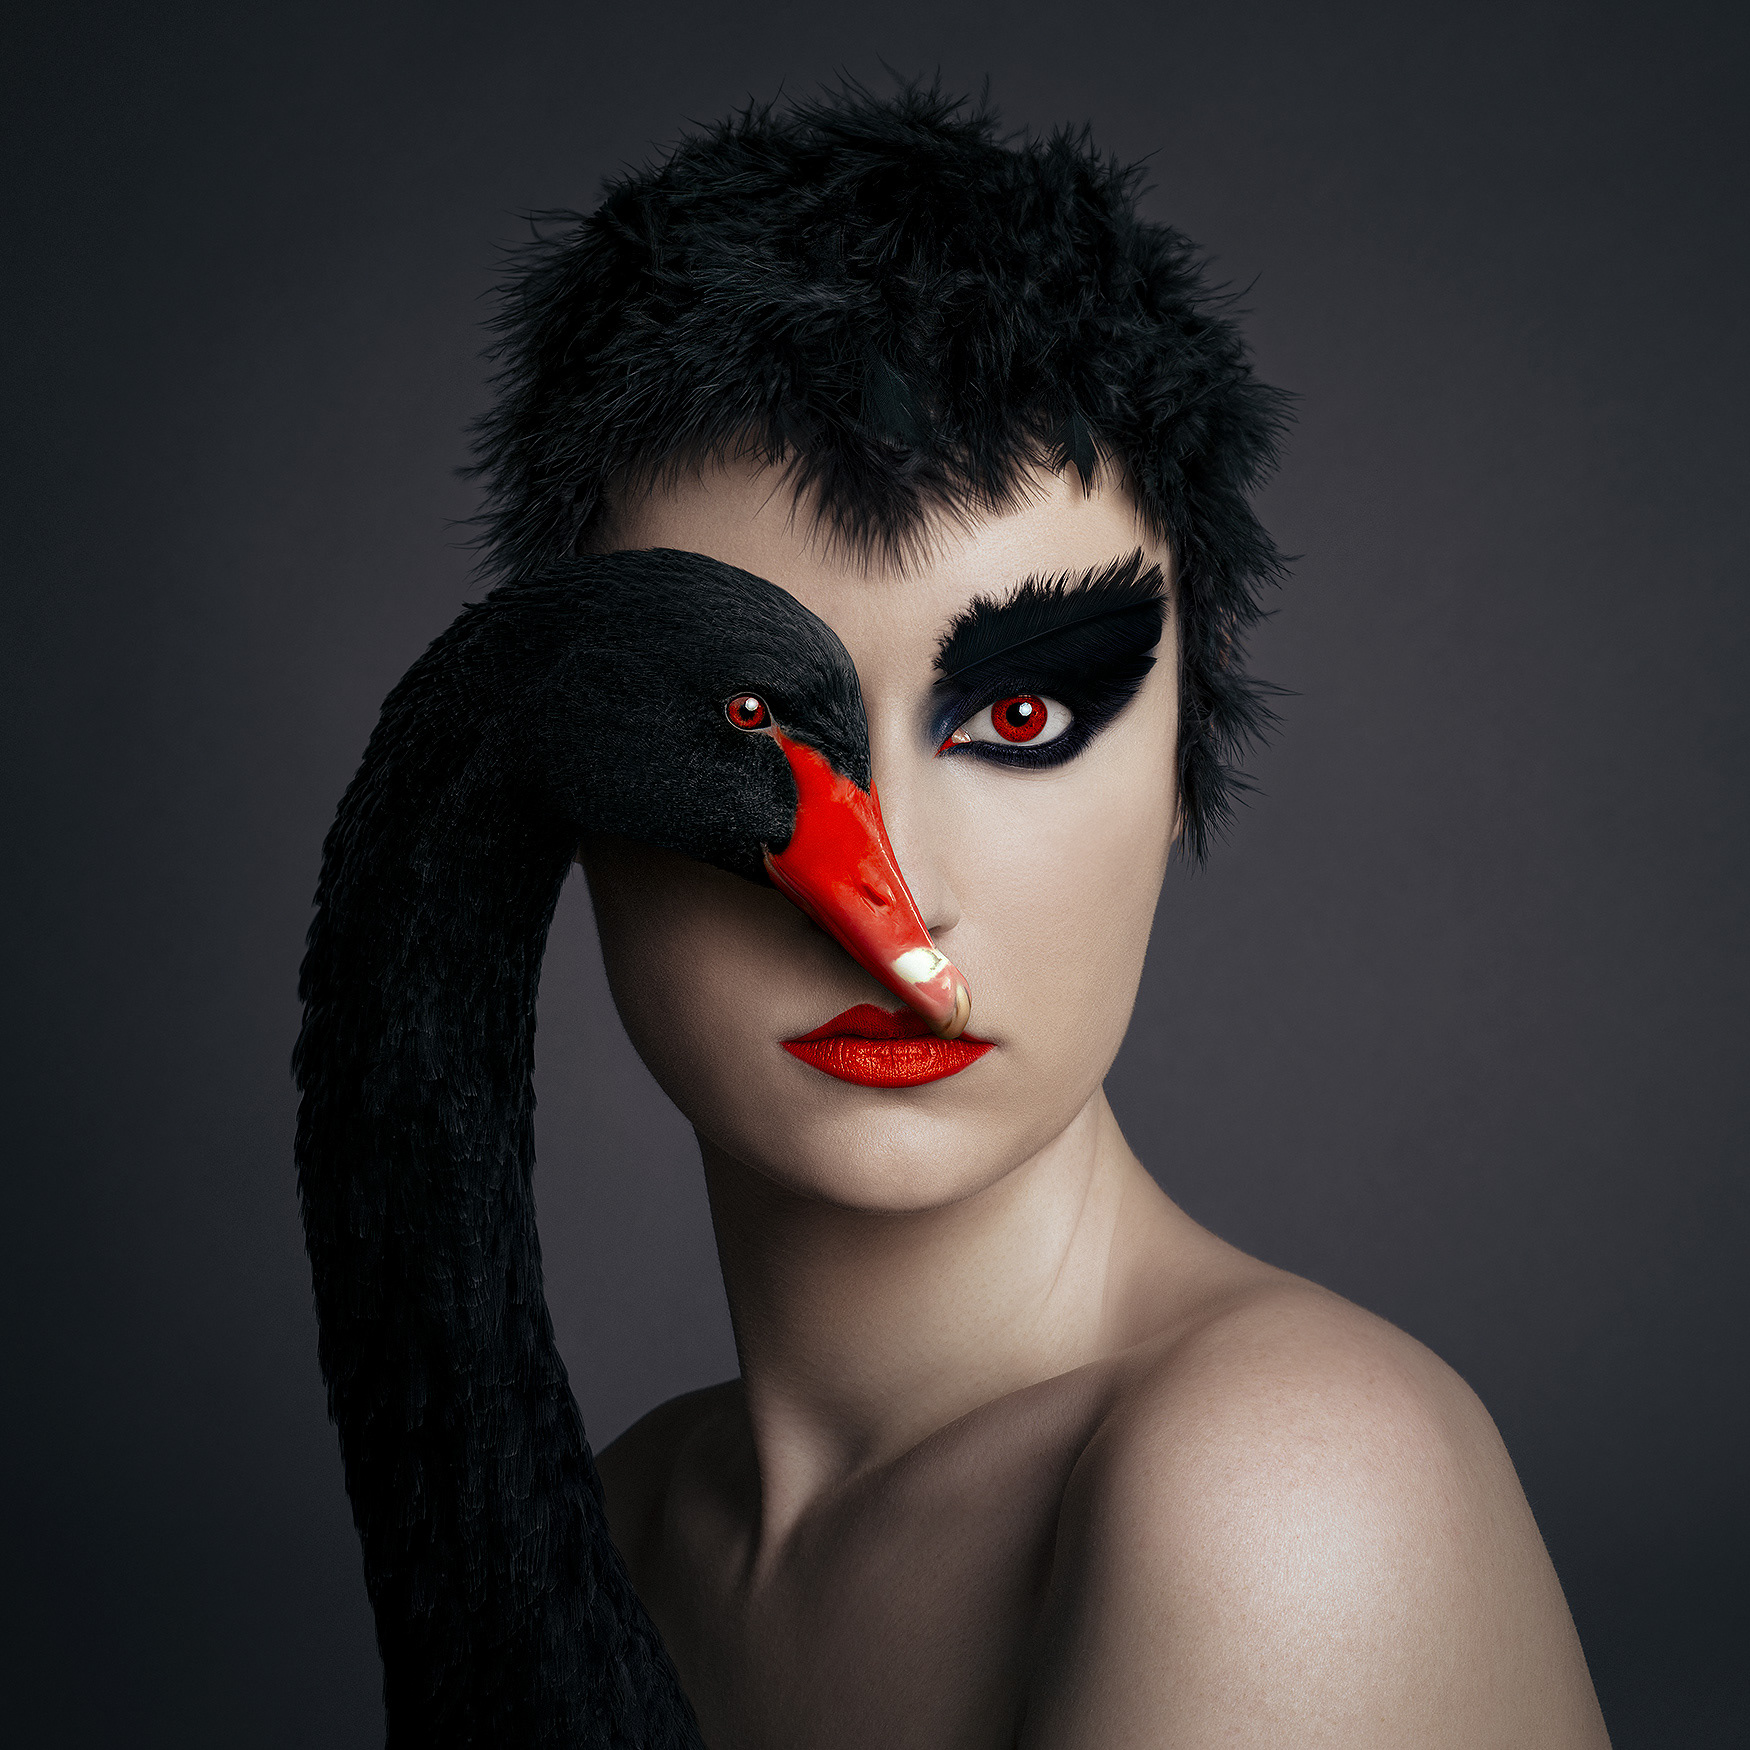 f. borsi, black swan, 2021